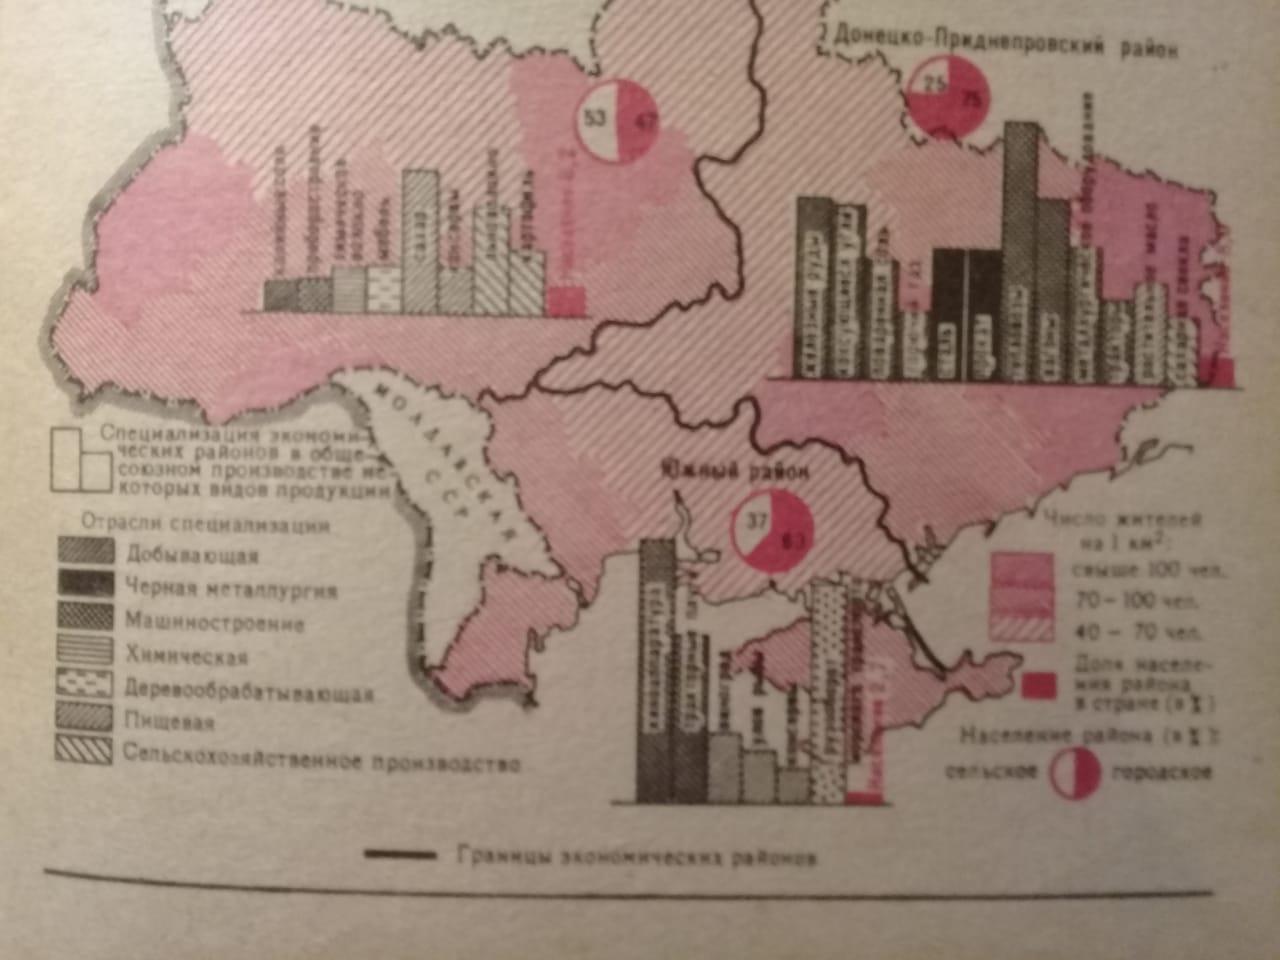 Почему бедствуют Крым и Севастополь? (Анонс)